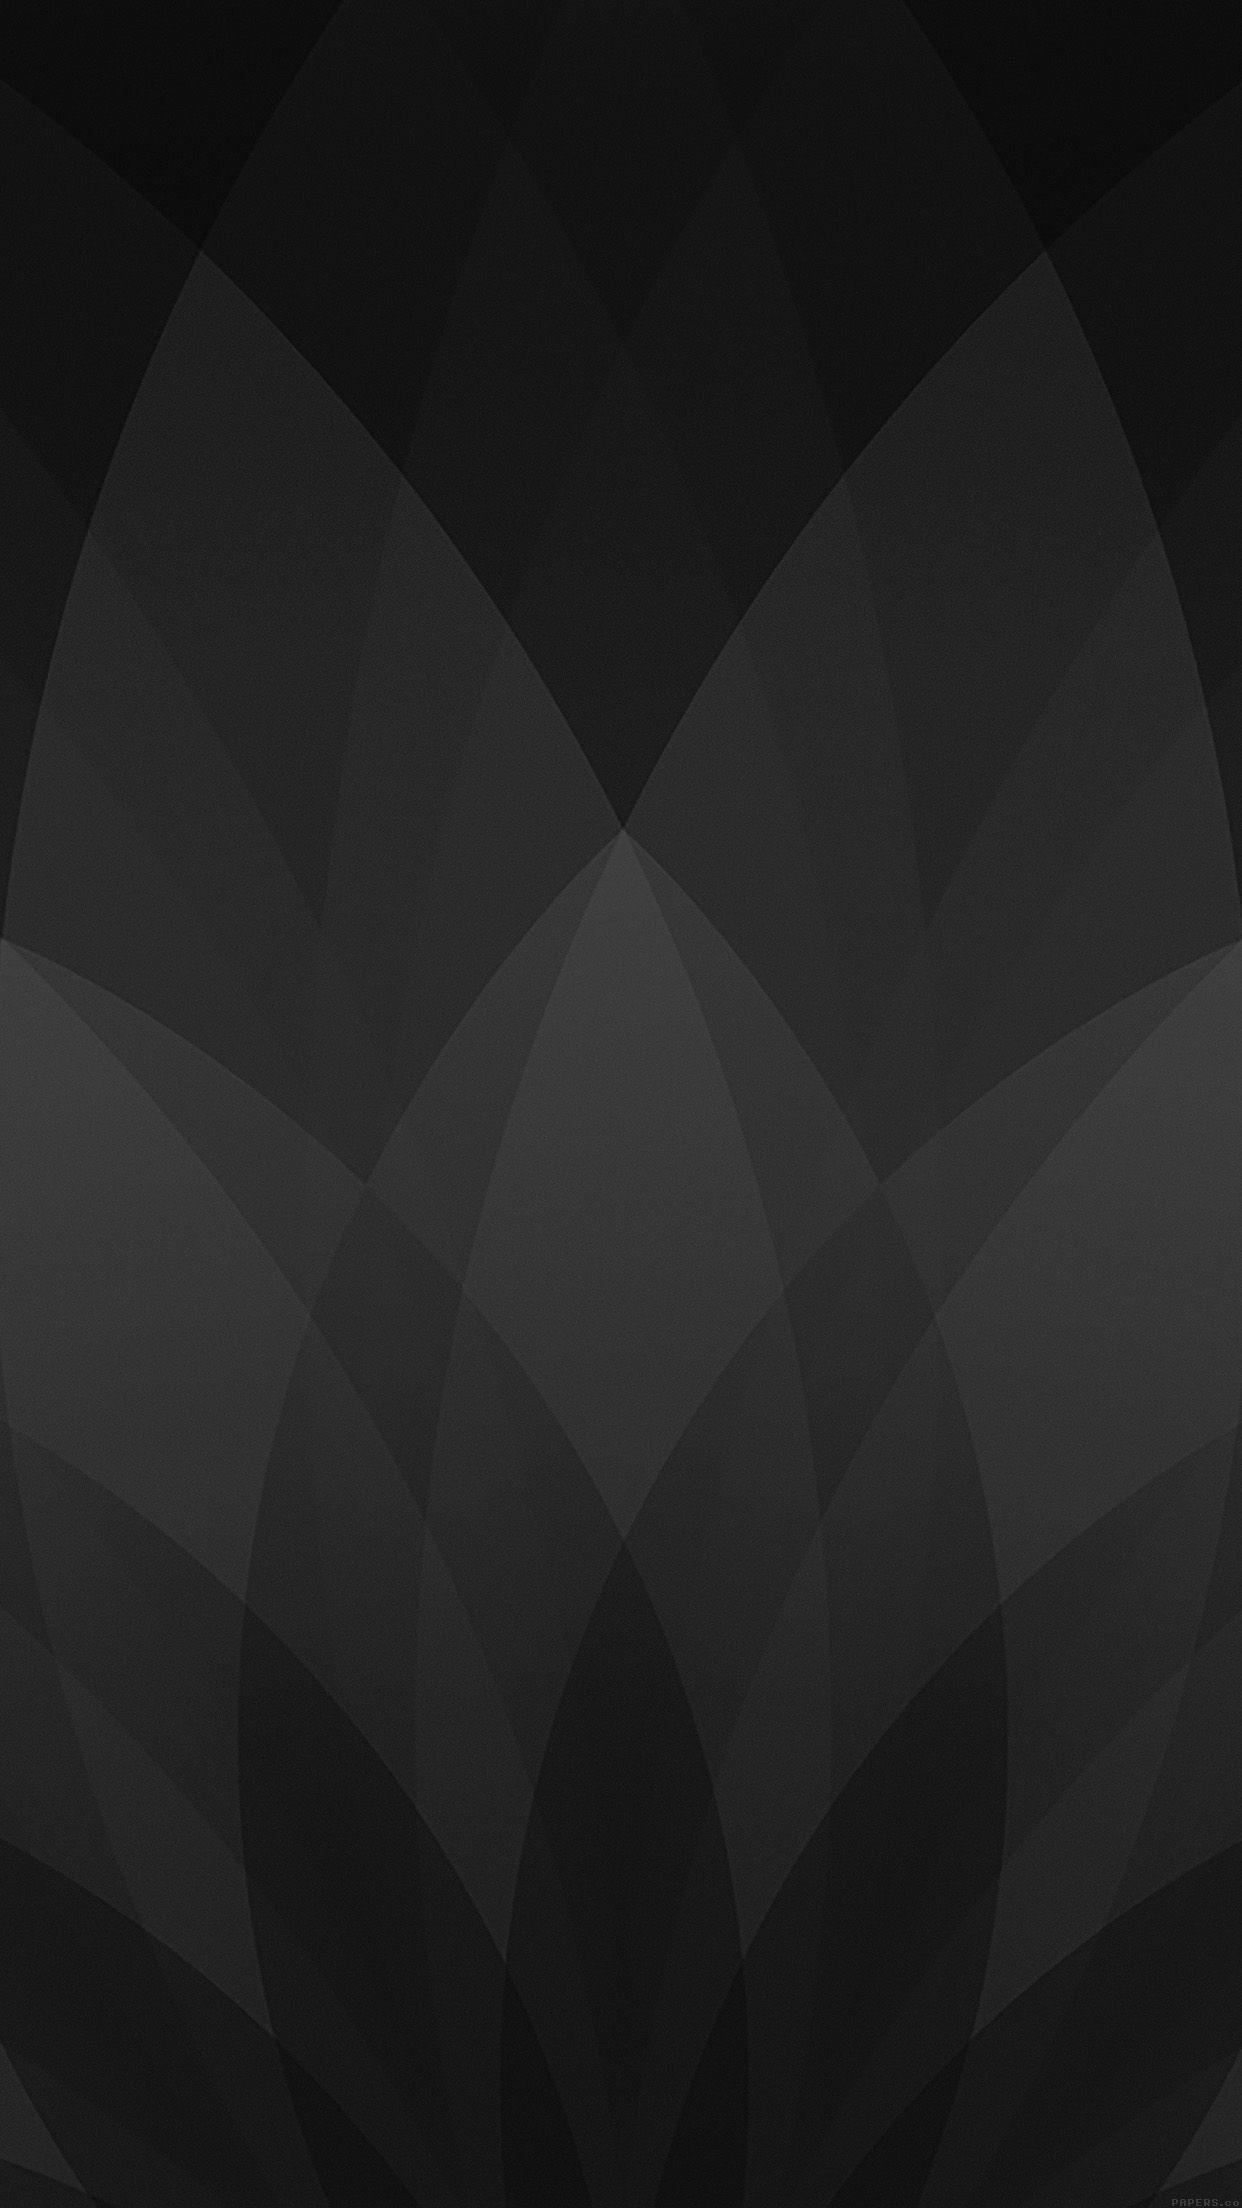 Dark S Iphone Wallpapers Top Free Dark S Iphone